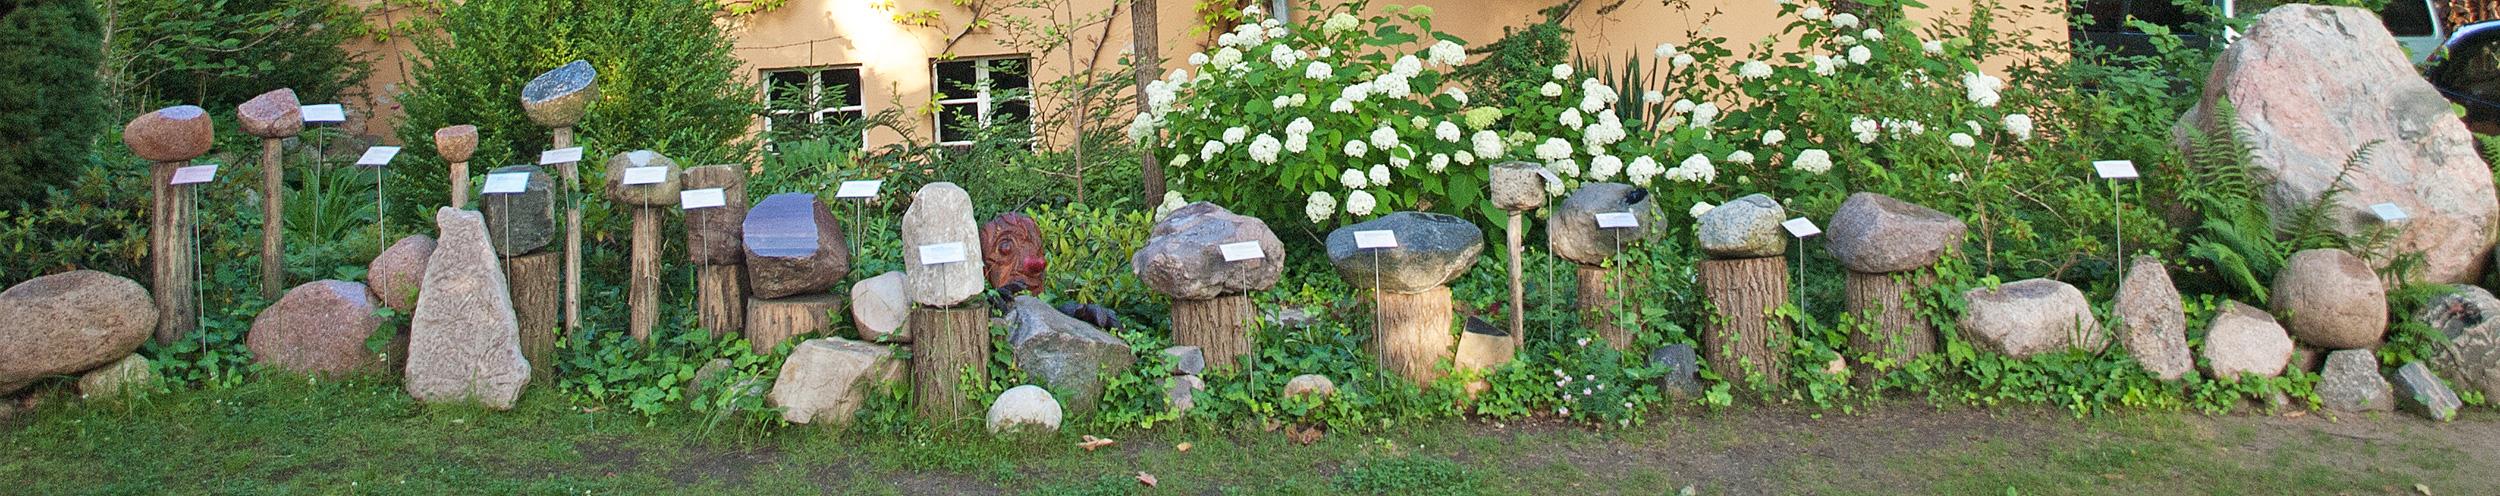 Waldsieversdorfer Geschiebegarten